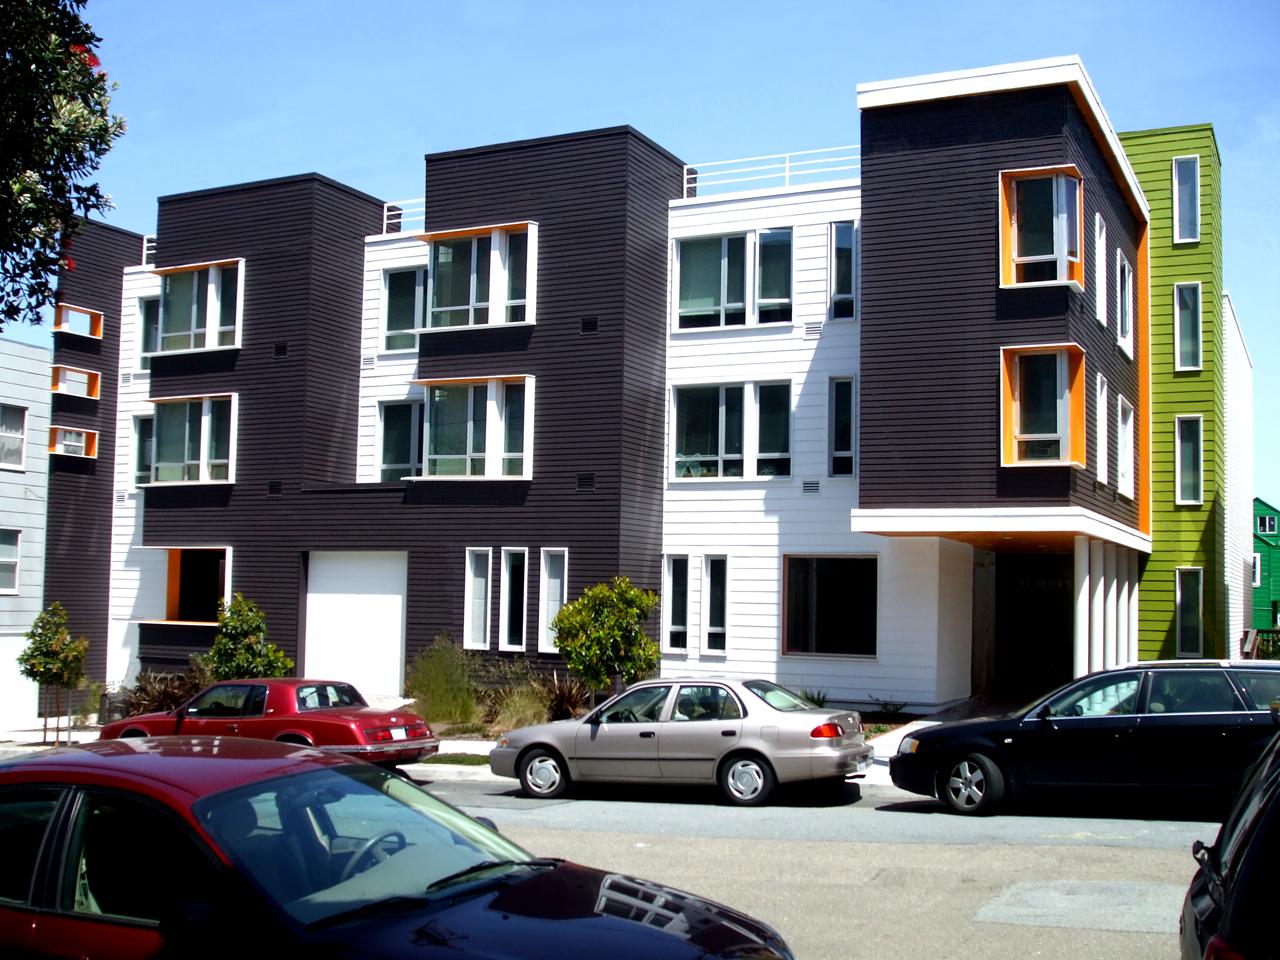 29th Avenue facade